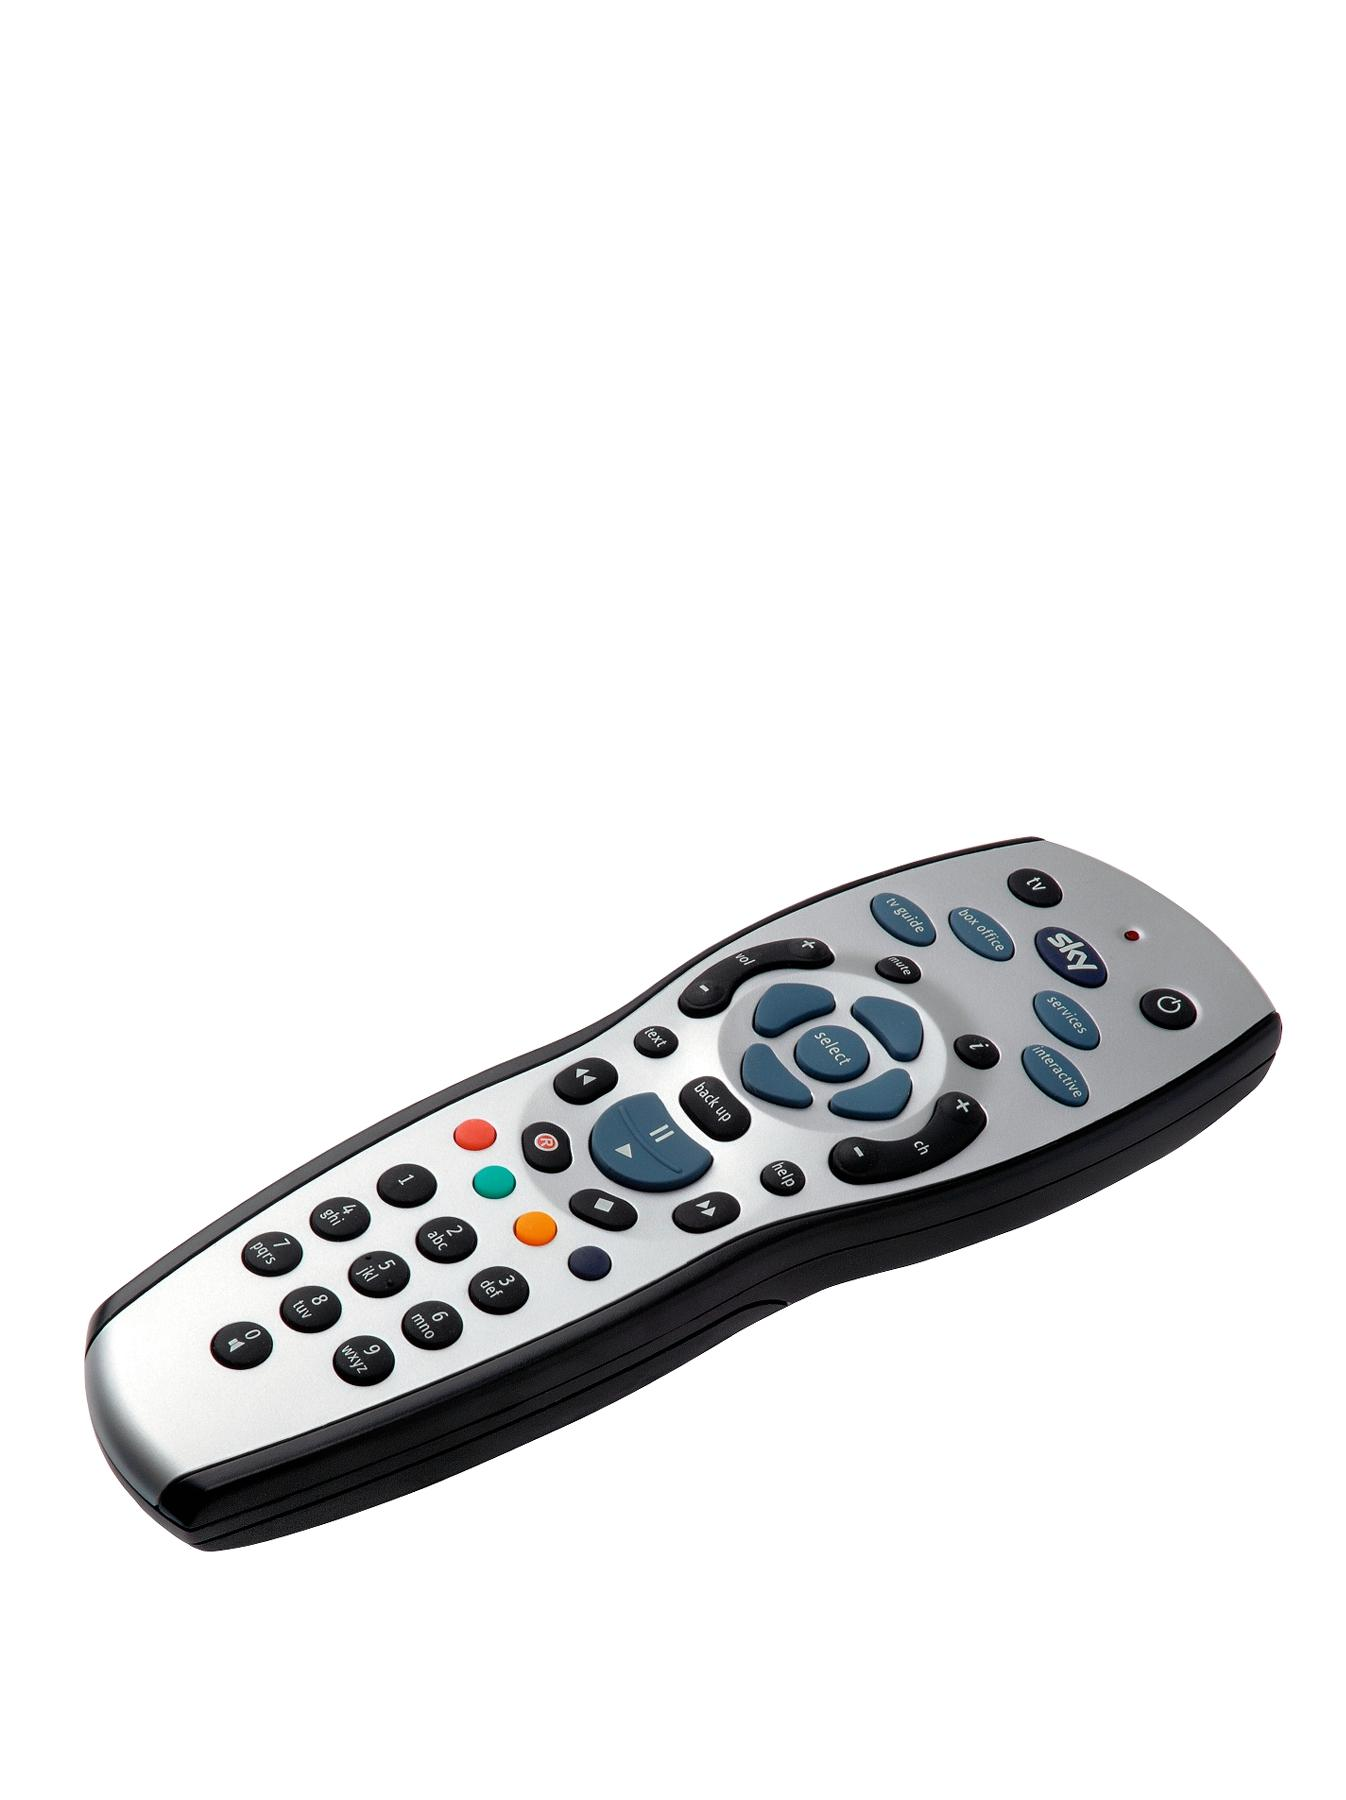 120 HD Remote Control